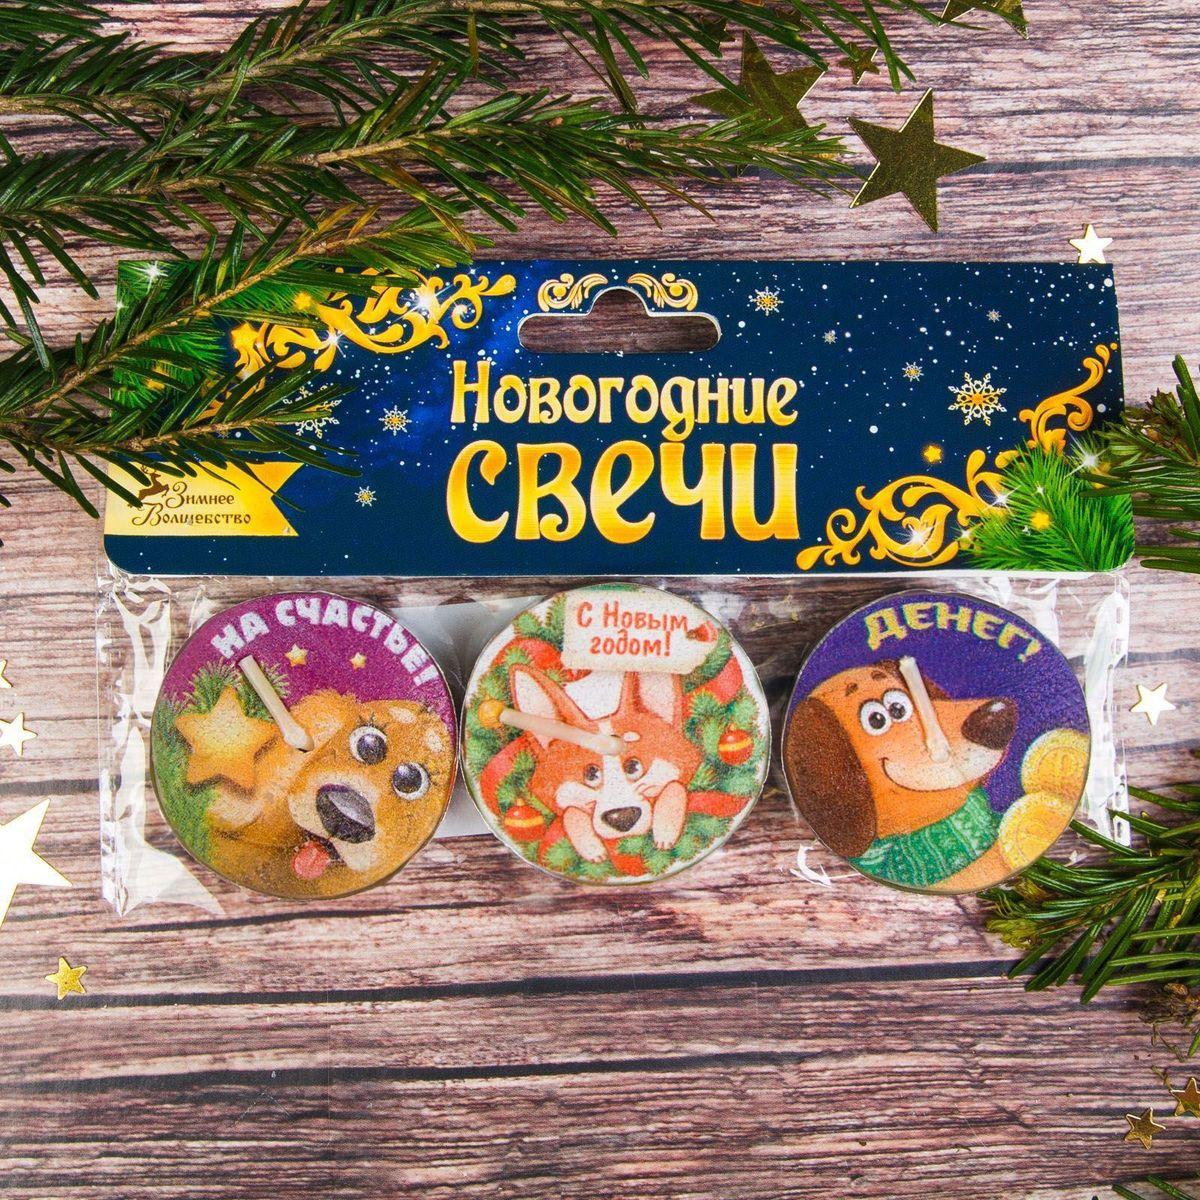 Набор декоративных свечей Sima-land Достатка, цвет: фиолетовый, высота 2 см, 3 шт2248098Если вы хотите преподнести недорогой полезный подарок, то набор свечей - идеальное решение! Сувенир с оригинальными изображениями понравится и взрослым и детям. Он сделает дом уютнее, а приятные пожелания на нем согреют вас холодным зимним вечером.В набор входит три свечи.